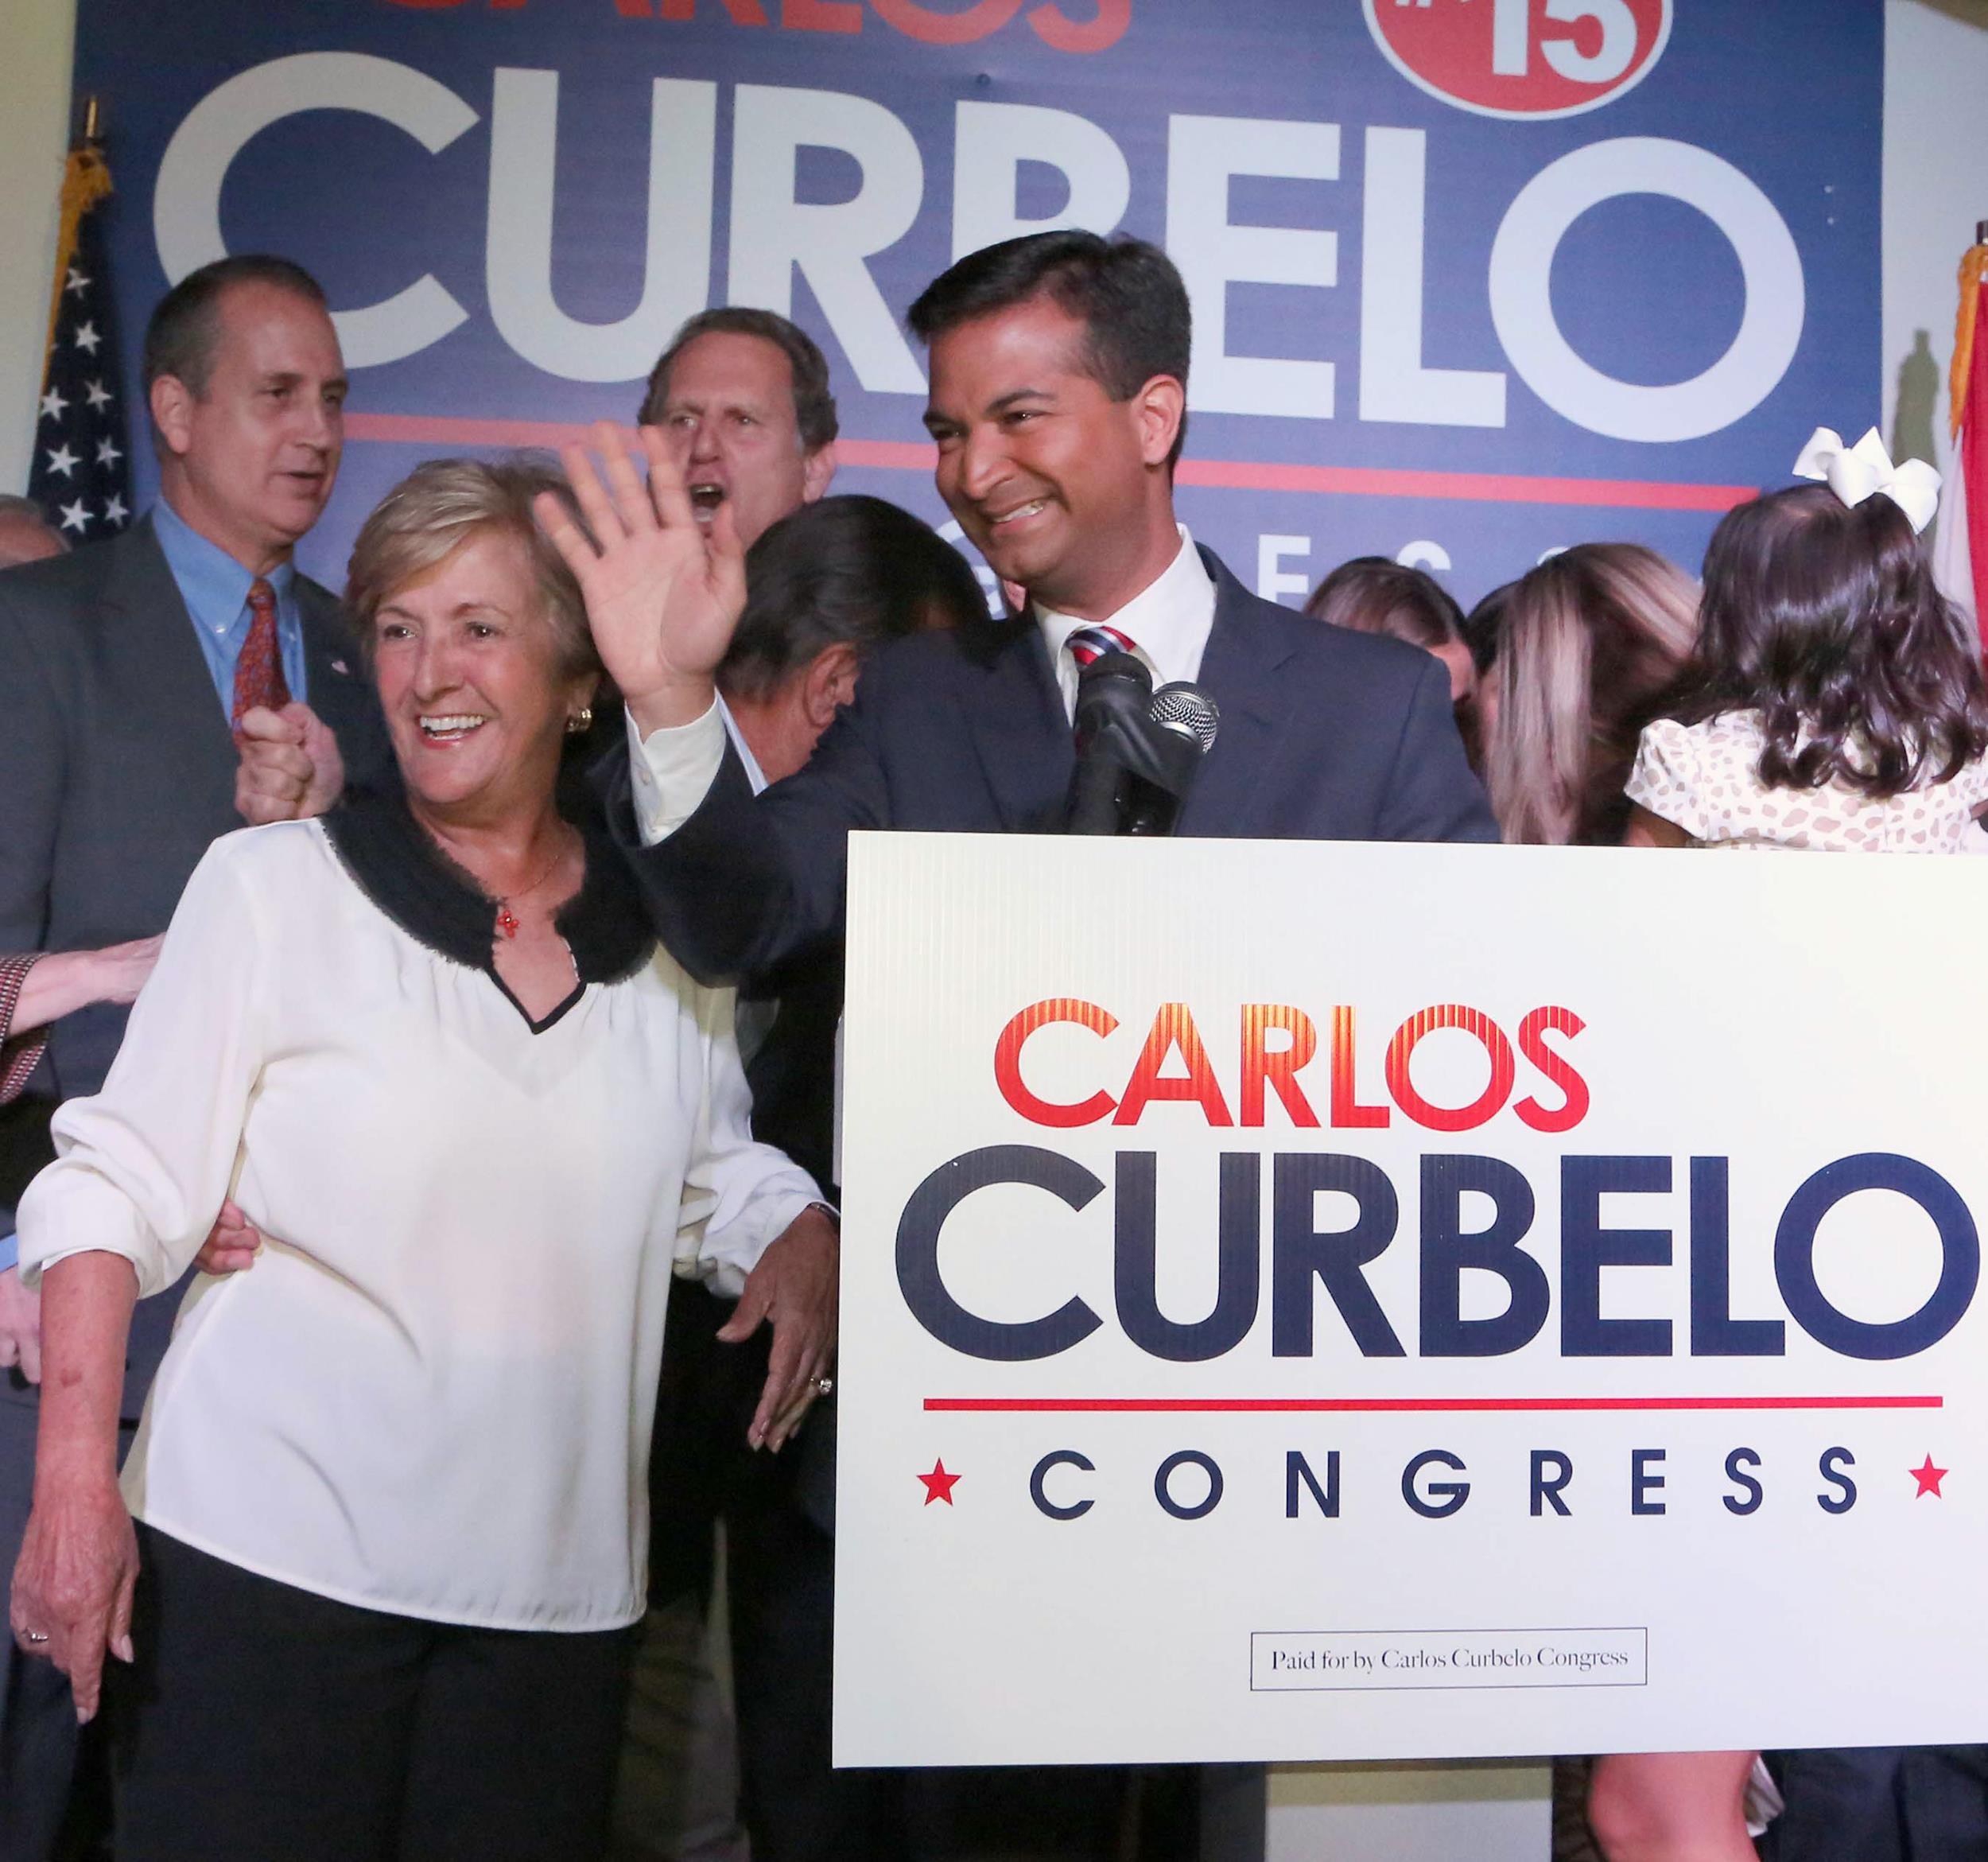 141105-carlos-curbelo-0027_3f0aa35d0c0804f9bcd5c52a330f8707